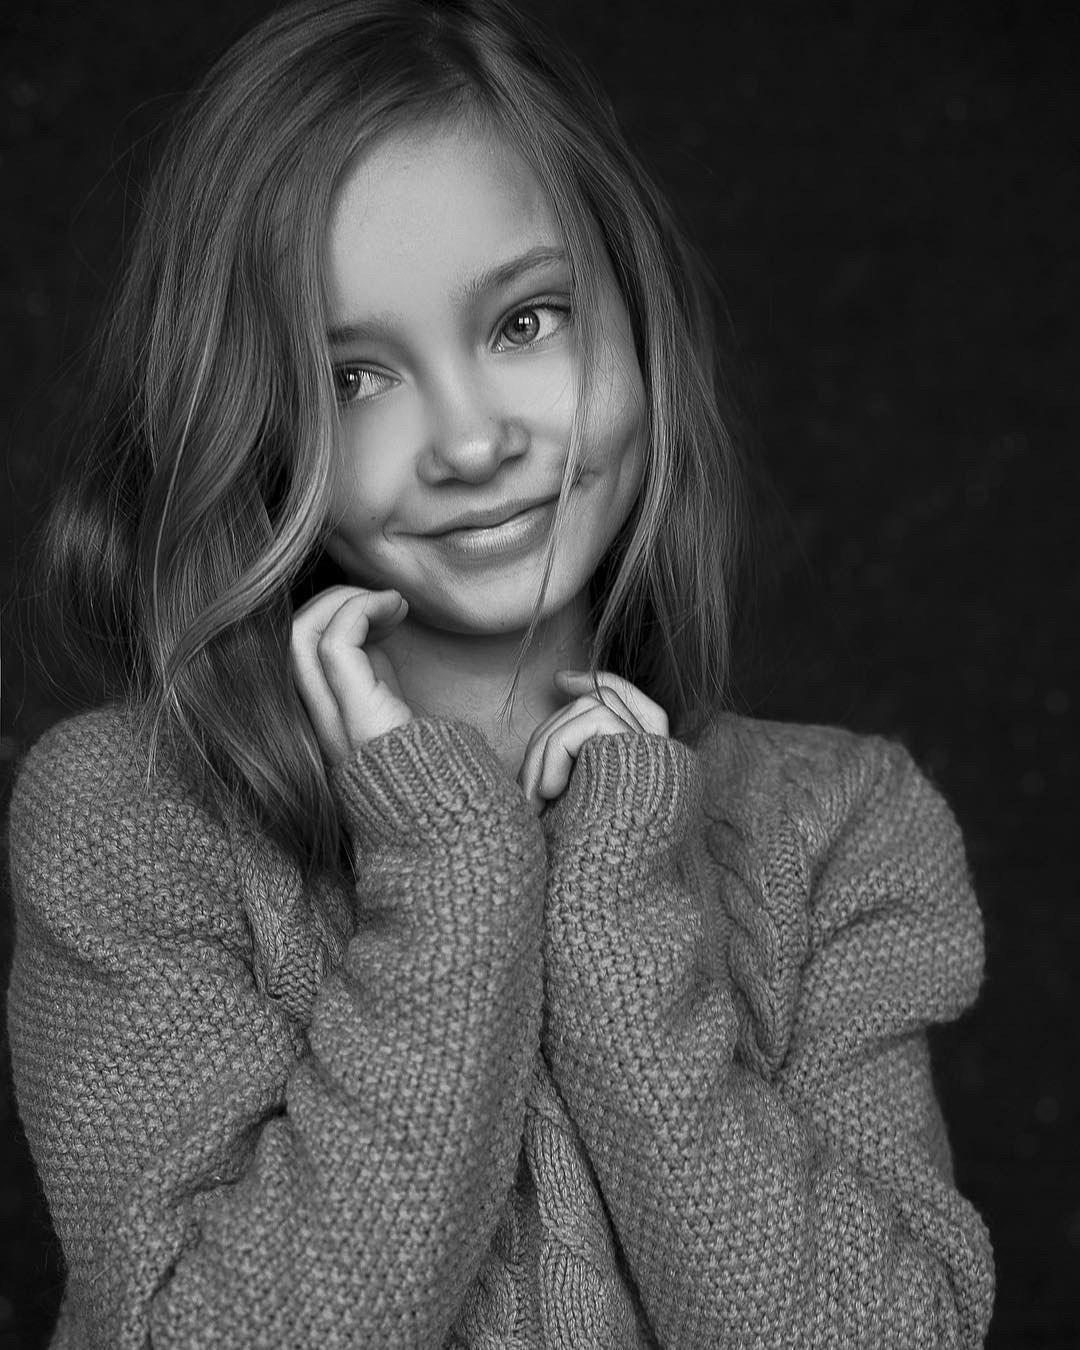 Кристина пименова новые фото